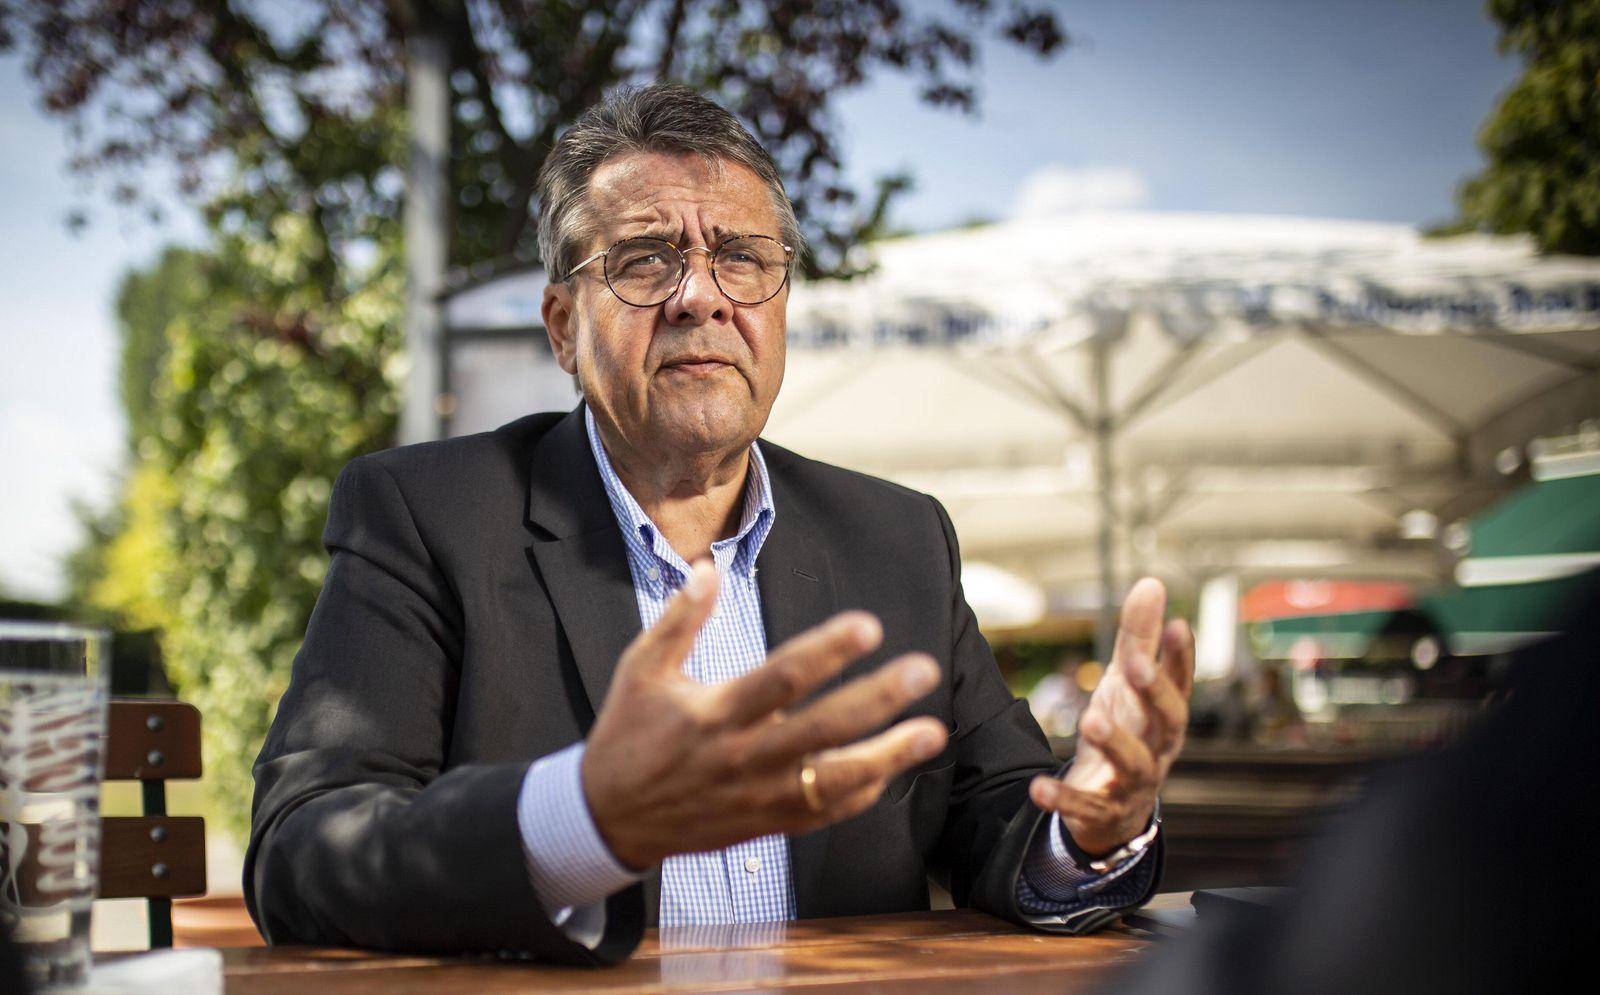 Interview mit Sigmar Gabriel SPD Bundesaussenminister a D und Vorsitzender der Atlantik Bruecke